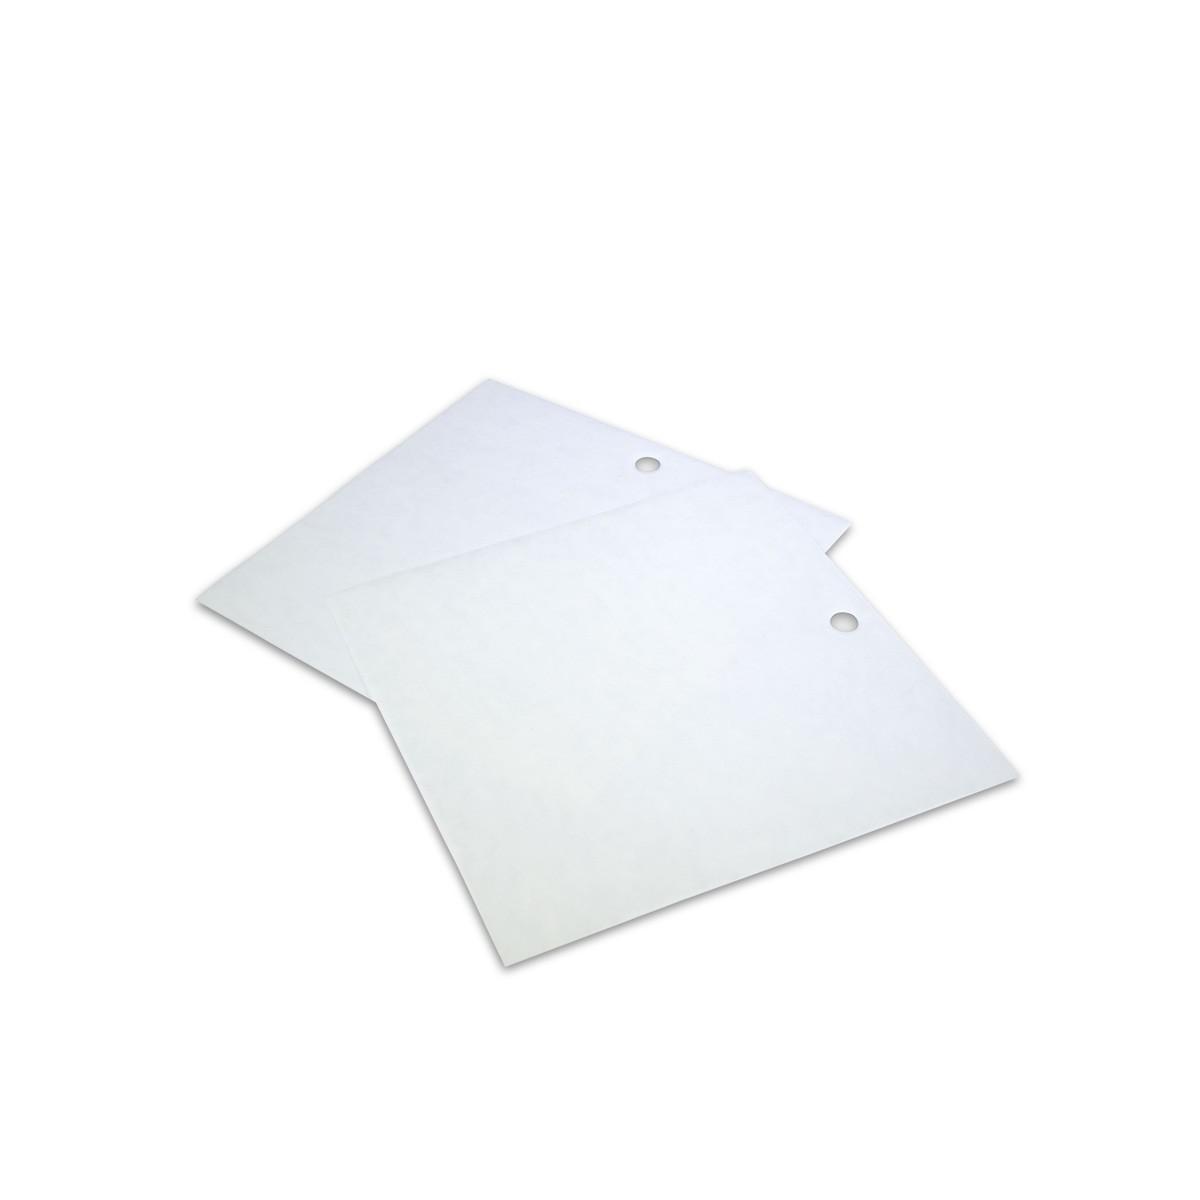 Paper Burger Discs Separators 115x115mm | 1000pcs